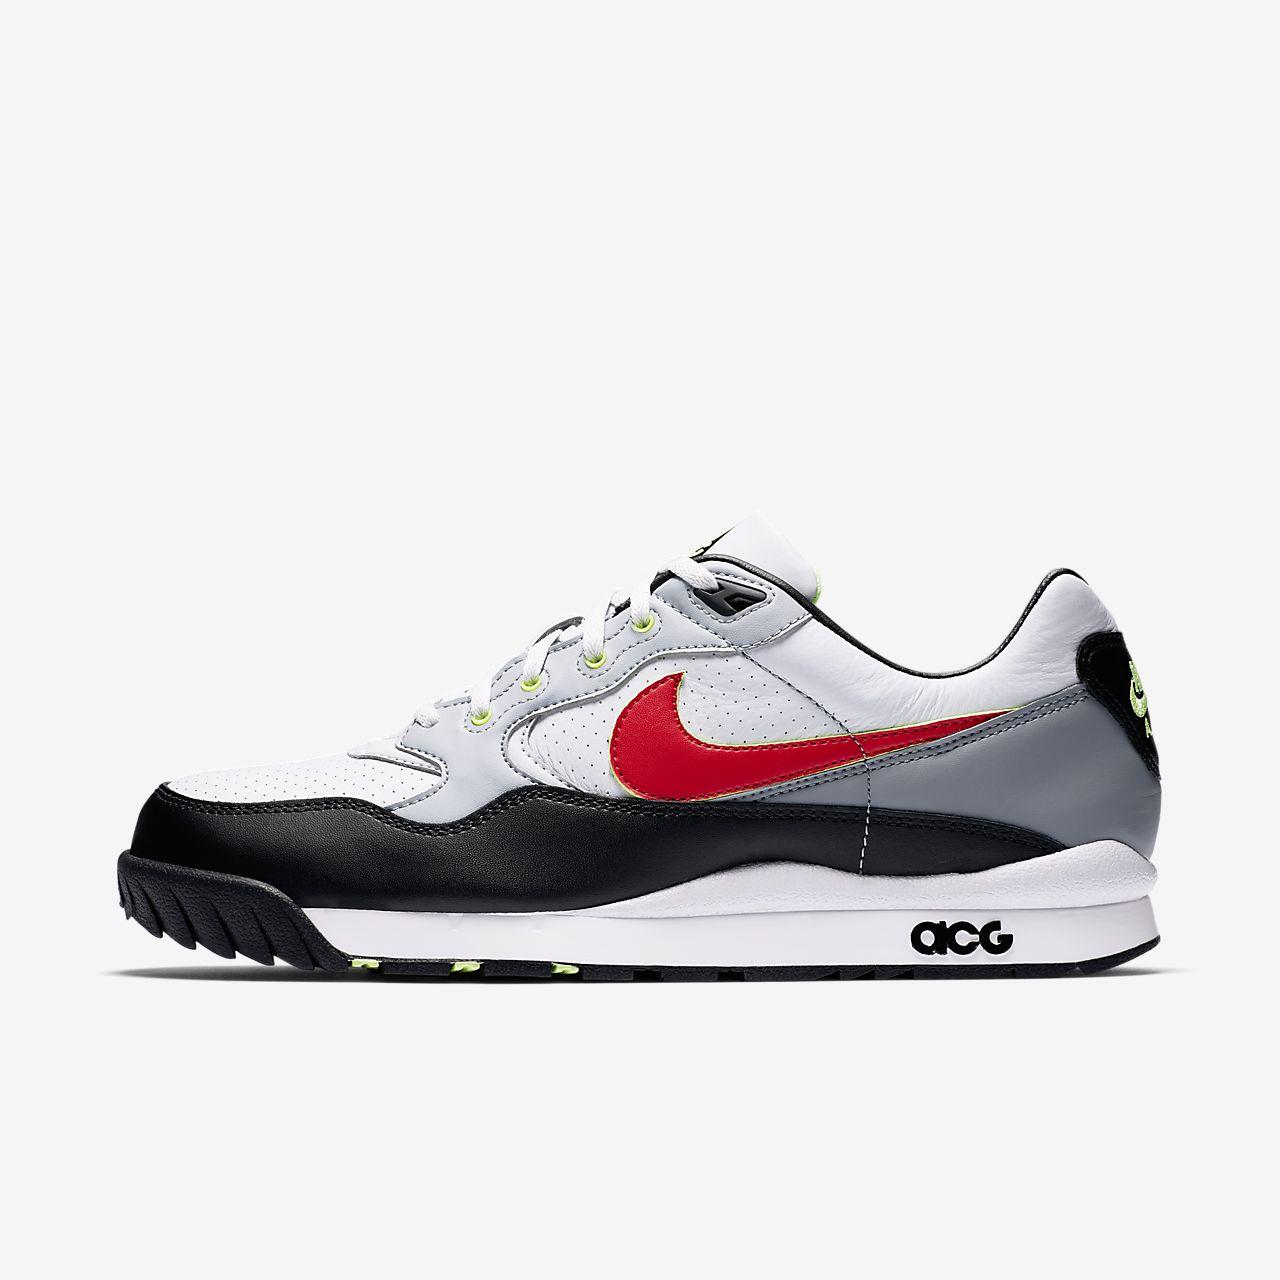 9d844cc718 Low Resolution Calzado para hombre Nike Air Wildwood ACG Calzado para hombre  Nike Air Wildwood ACG